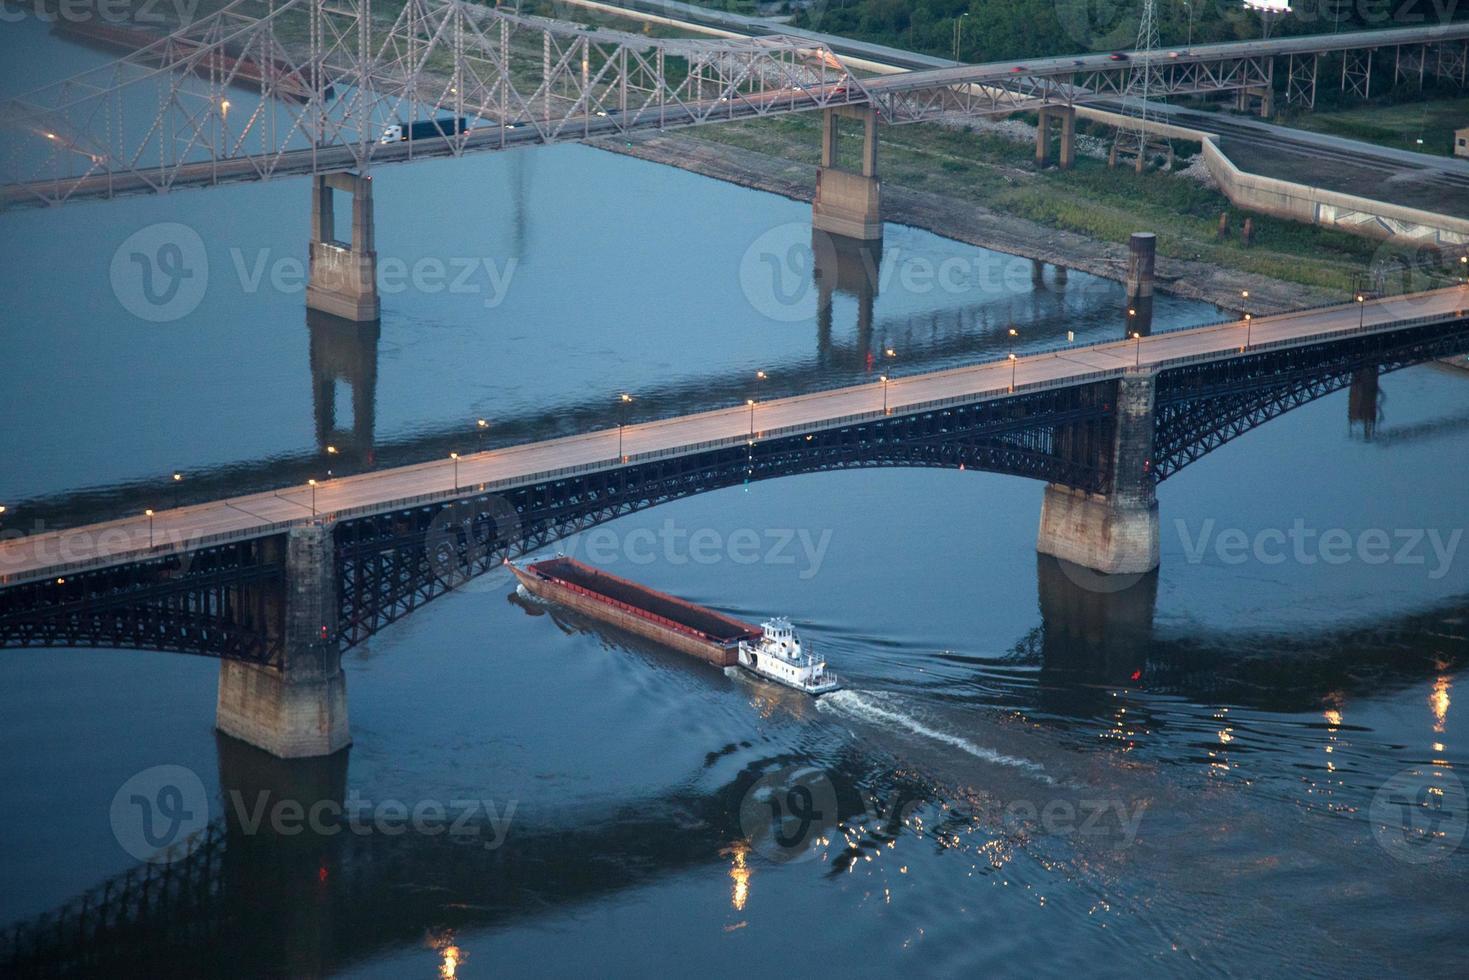 chiatta che trasportava grano nel fiume Mississippi foto